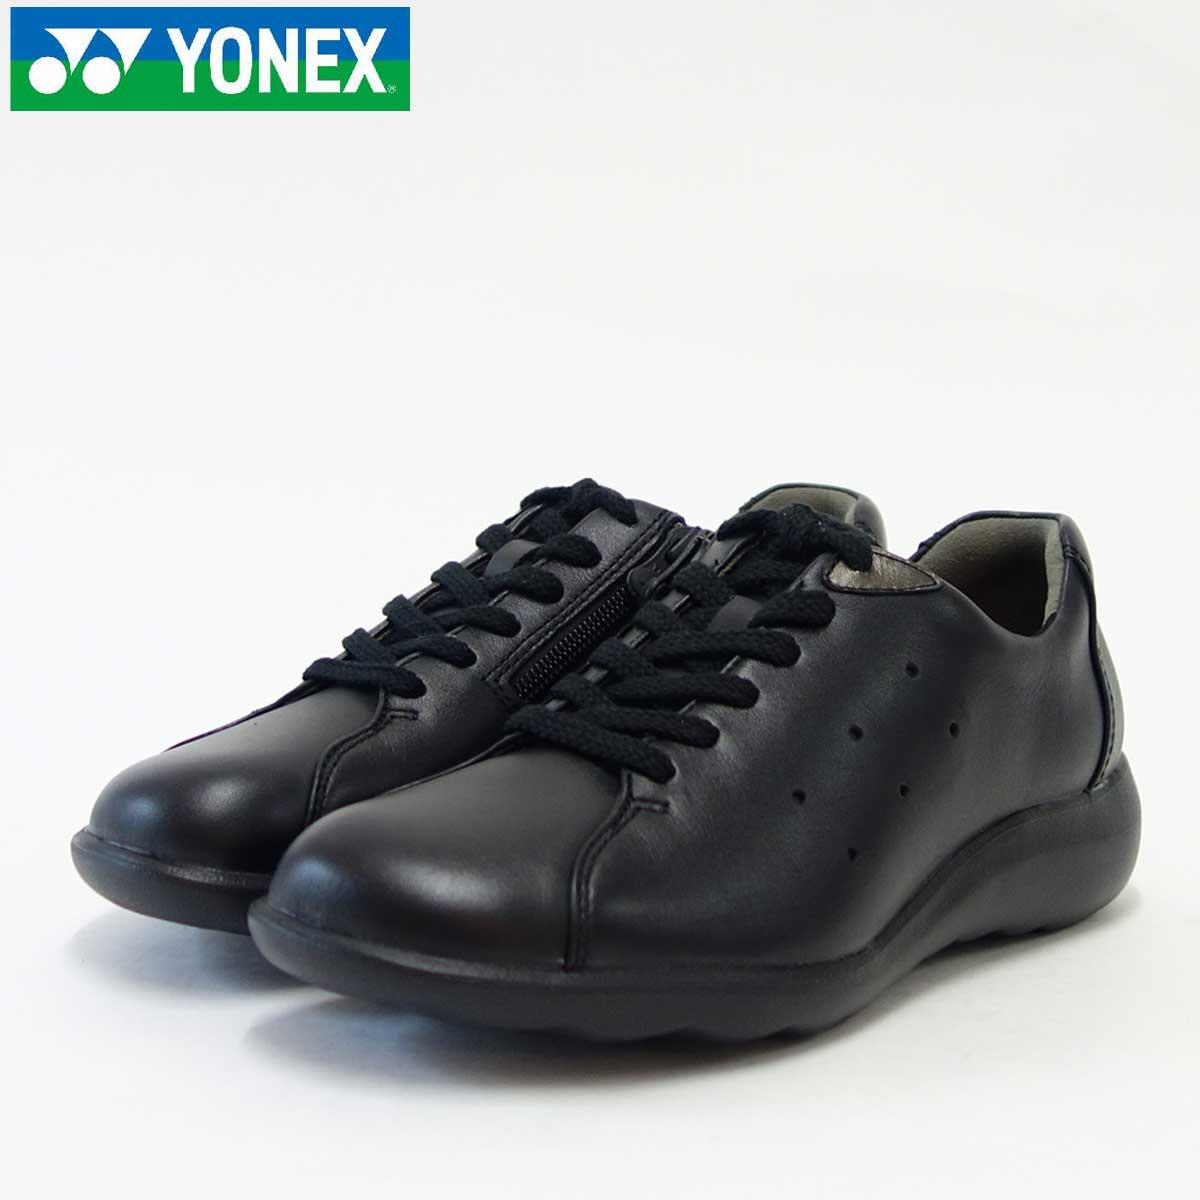 YONEX ヨネックス LC82 ブラック (レディース)軽い疲れにくいウォーキングシューズパワーバウンズソール あしなり3D「靴」